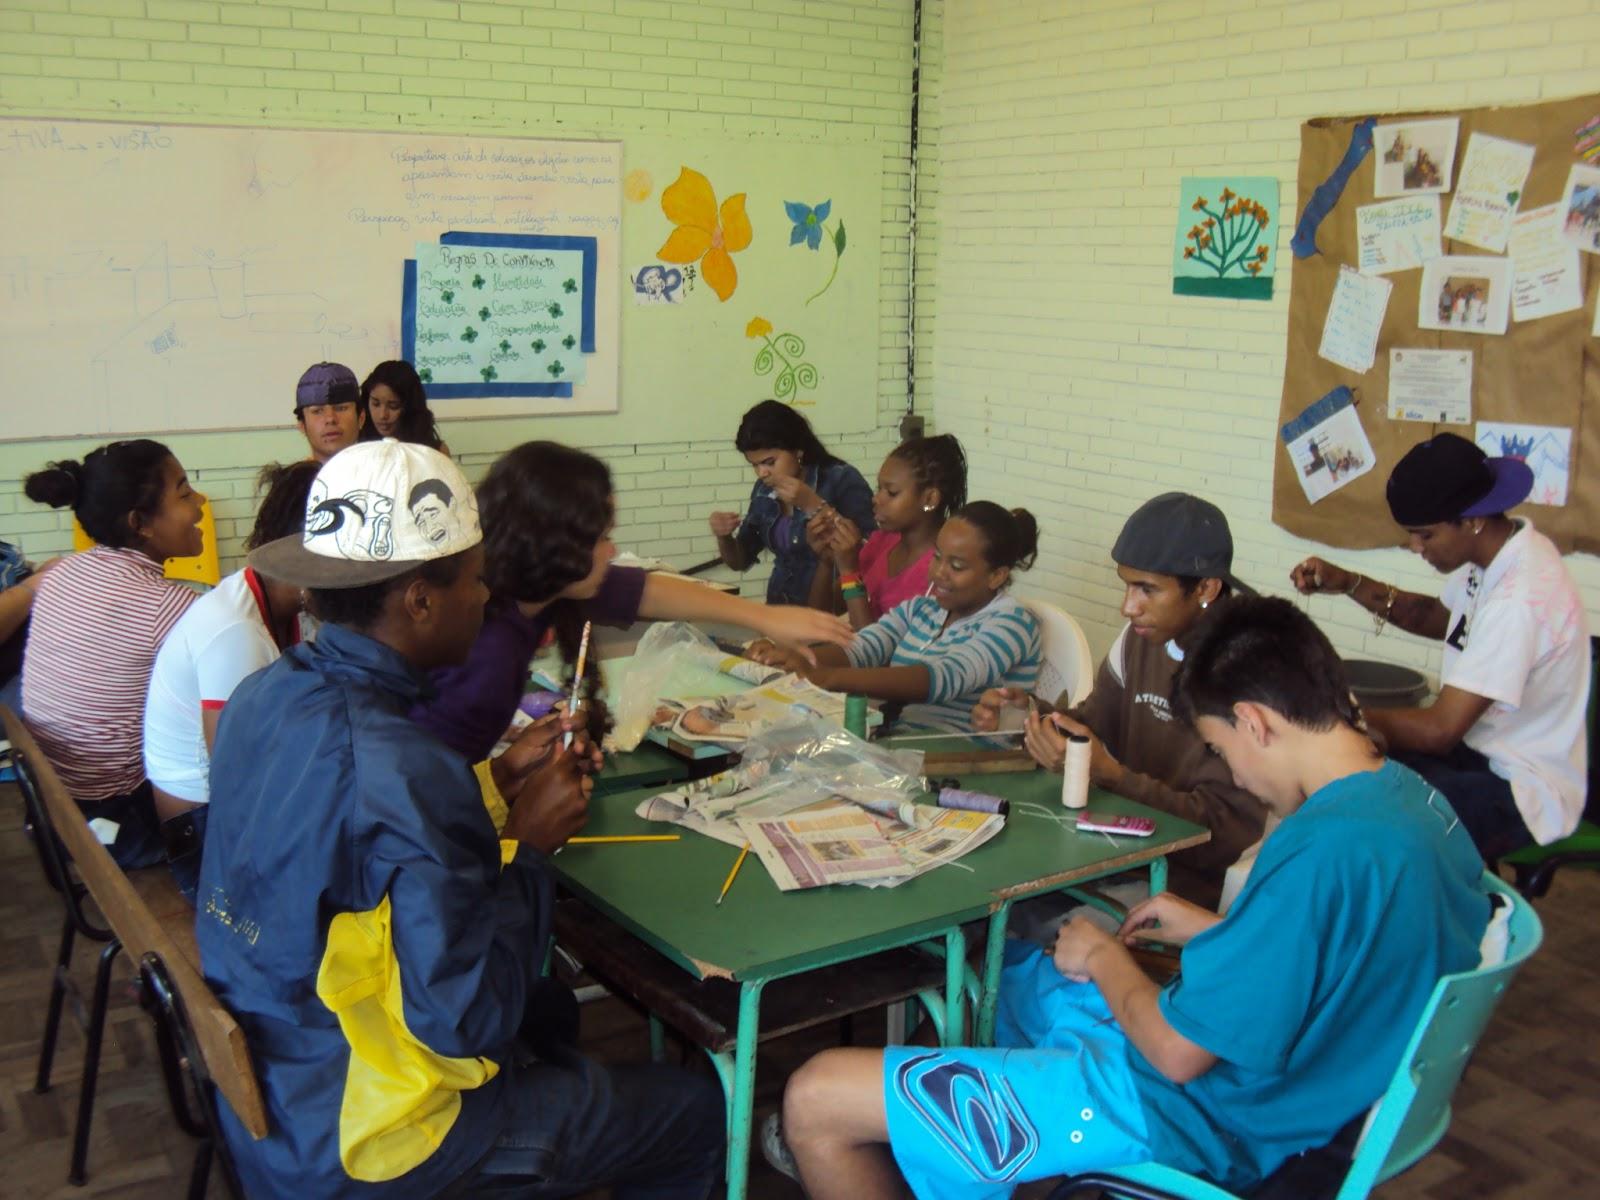 Adesivos De Parede Quarto Infantil Feminino ~ Projovem Adolescente Restinga Extremo Sul Amurt Amurtel Porto Alegre FASC Atividade de